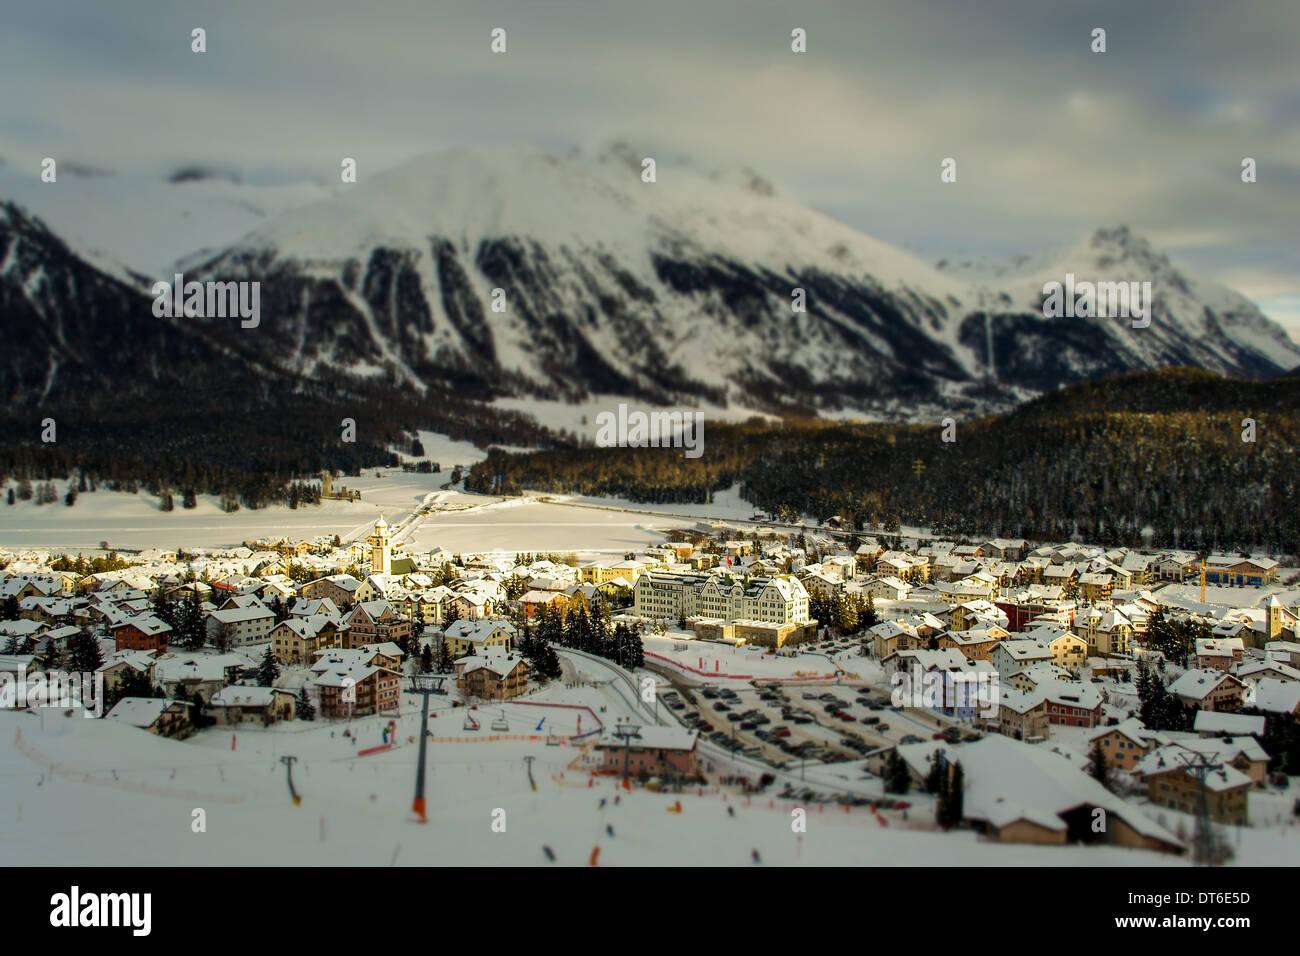 Il centro del villaggio di Celerina (Svizzera), tilt-shift effetto Immagini Stock